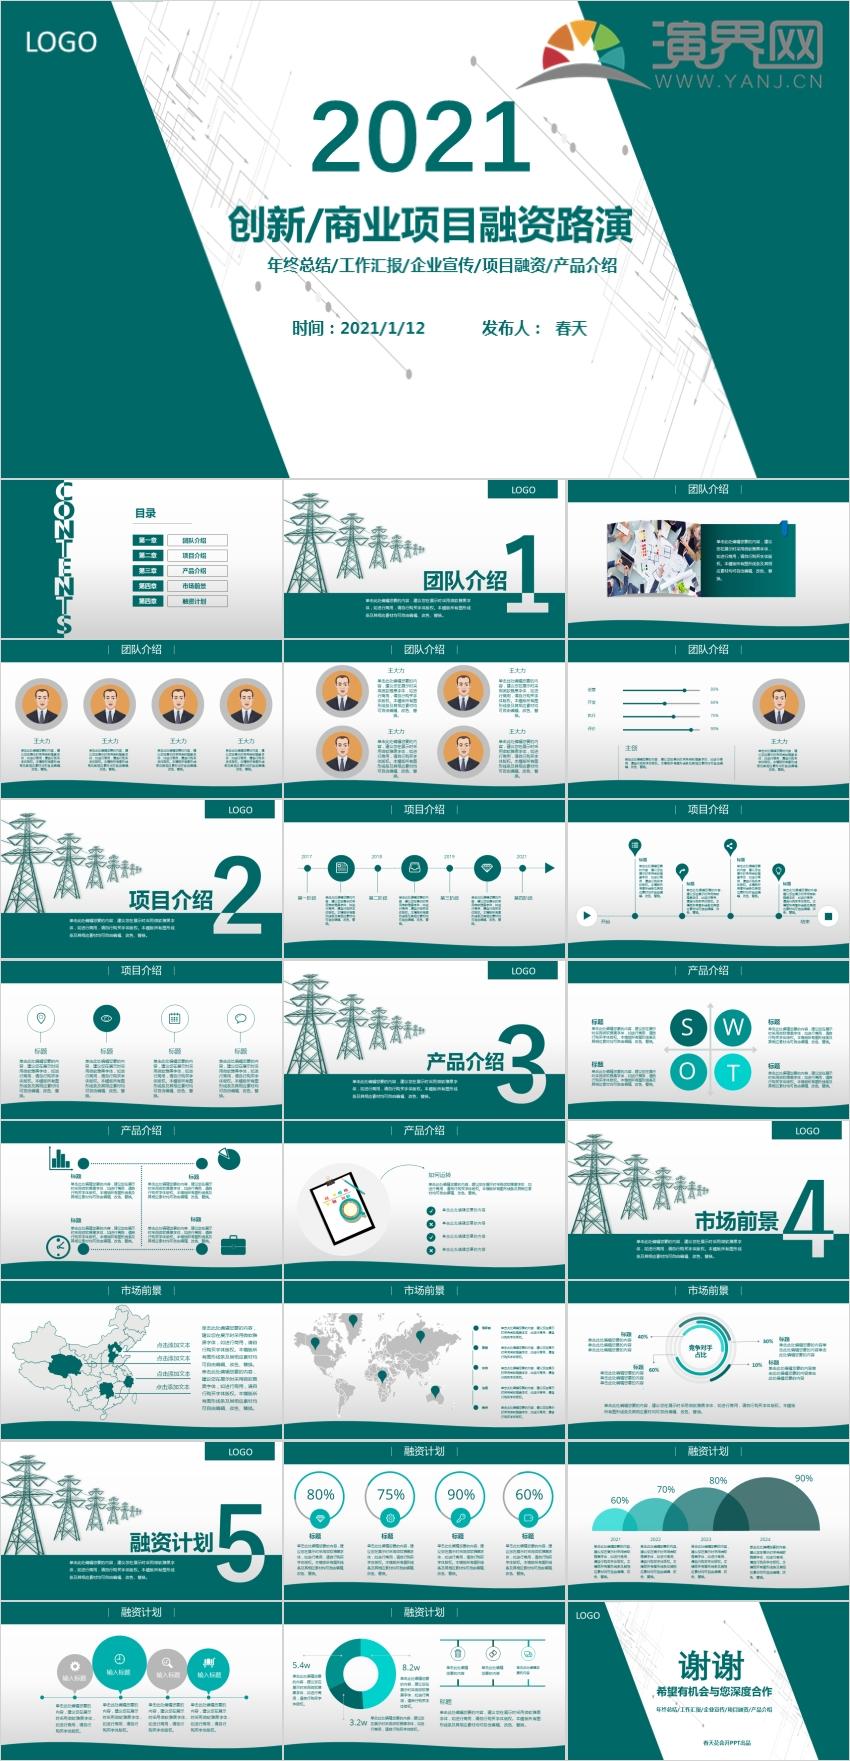 国网绿 扁平 创新 产品发布 工作汇报PPT模板